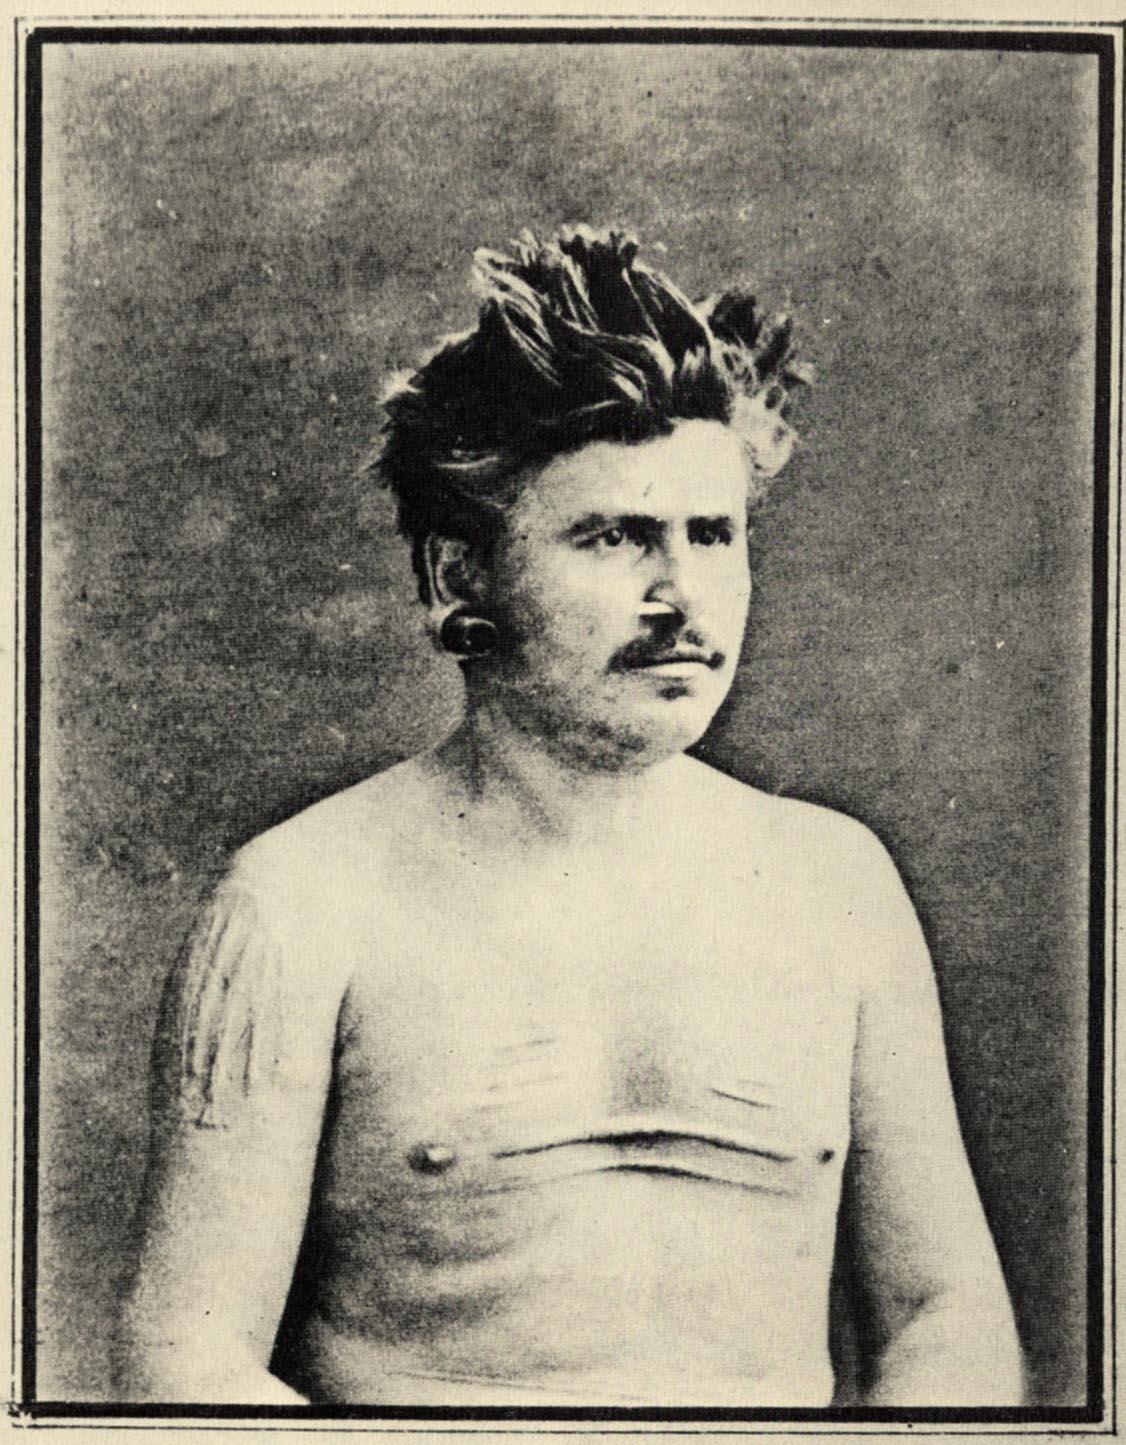 1 Narcisse Pelletier à son retour en France : il portait des scarifications sur le torse et les bras ; son nez et ses oreilles étaient largement percées.